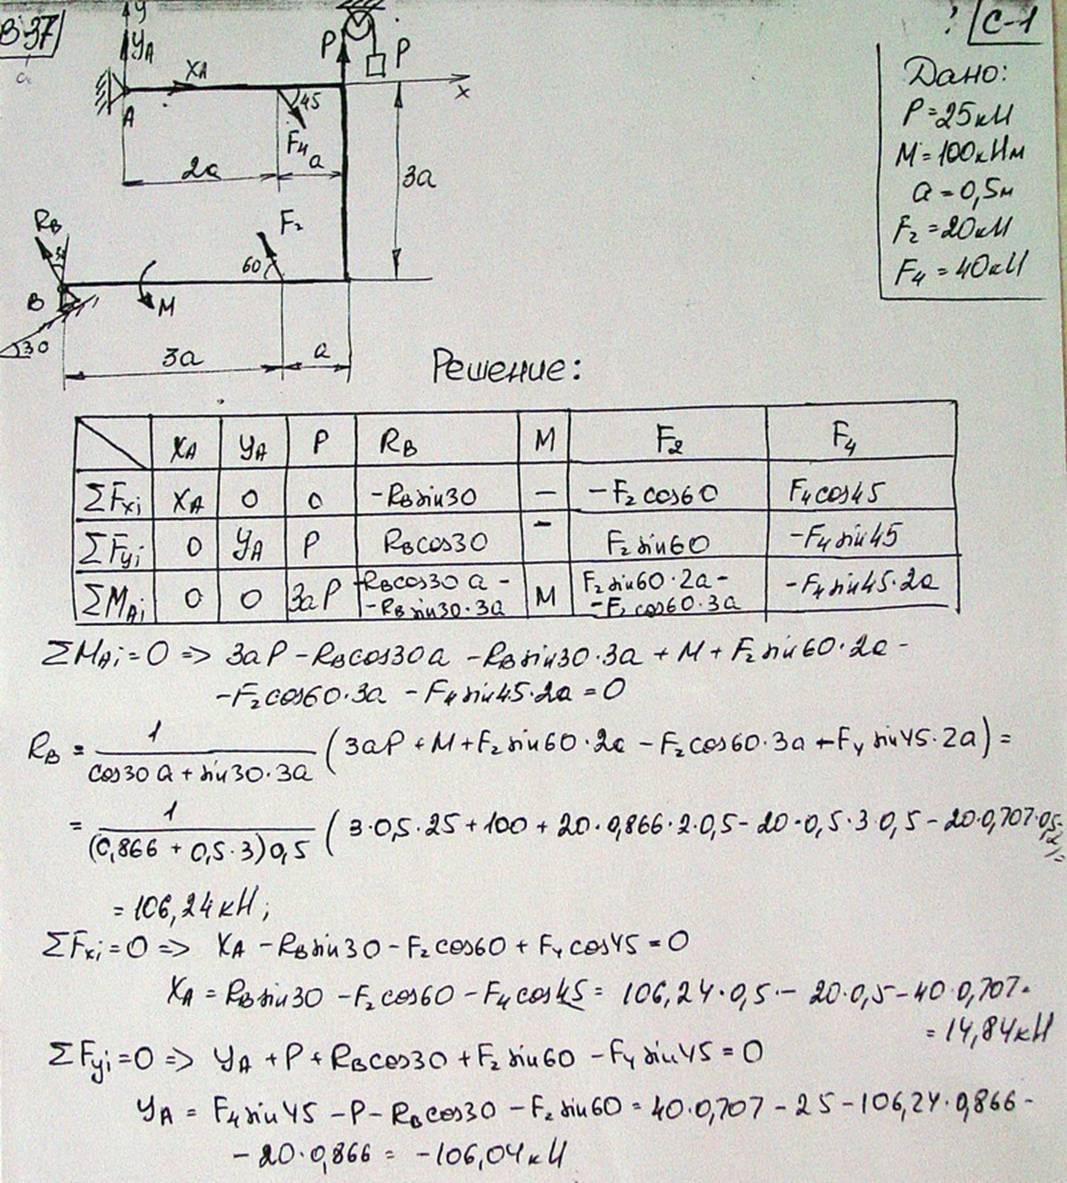 Контрольные работы Математика физика термех сопромат  Контрольные работы Математика физика термех сопромат электротехника РЕШЕНИЕ ЗАДАЧ ТЕОРМЕХ